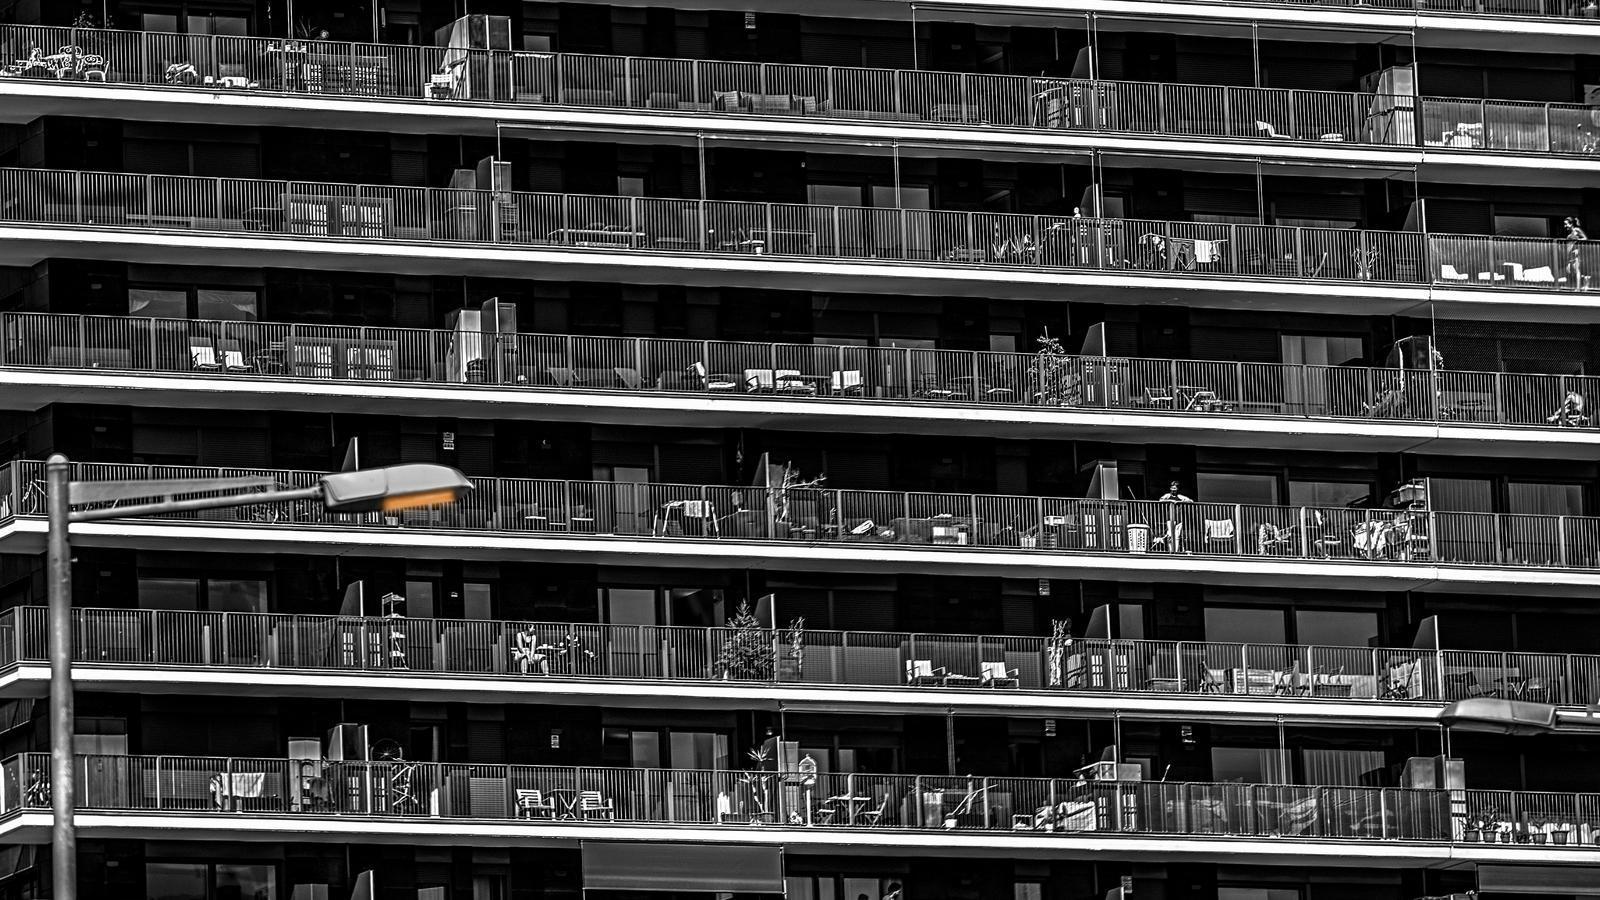 Gent als balcons, un matí de confinament